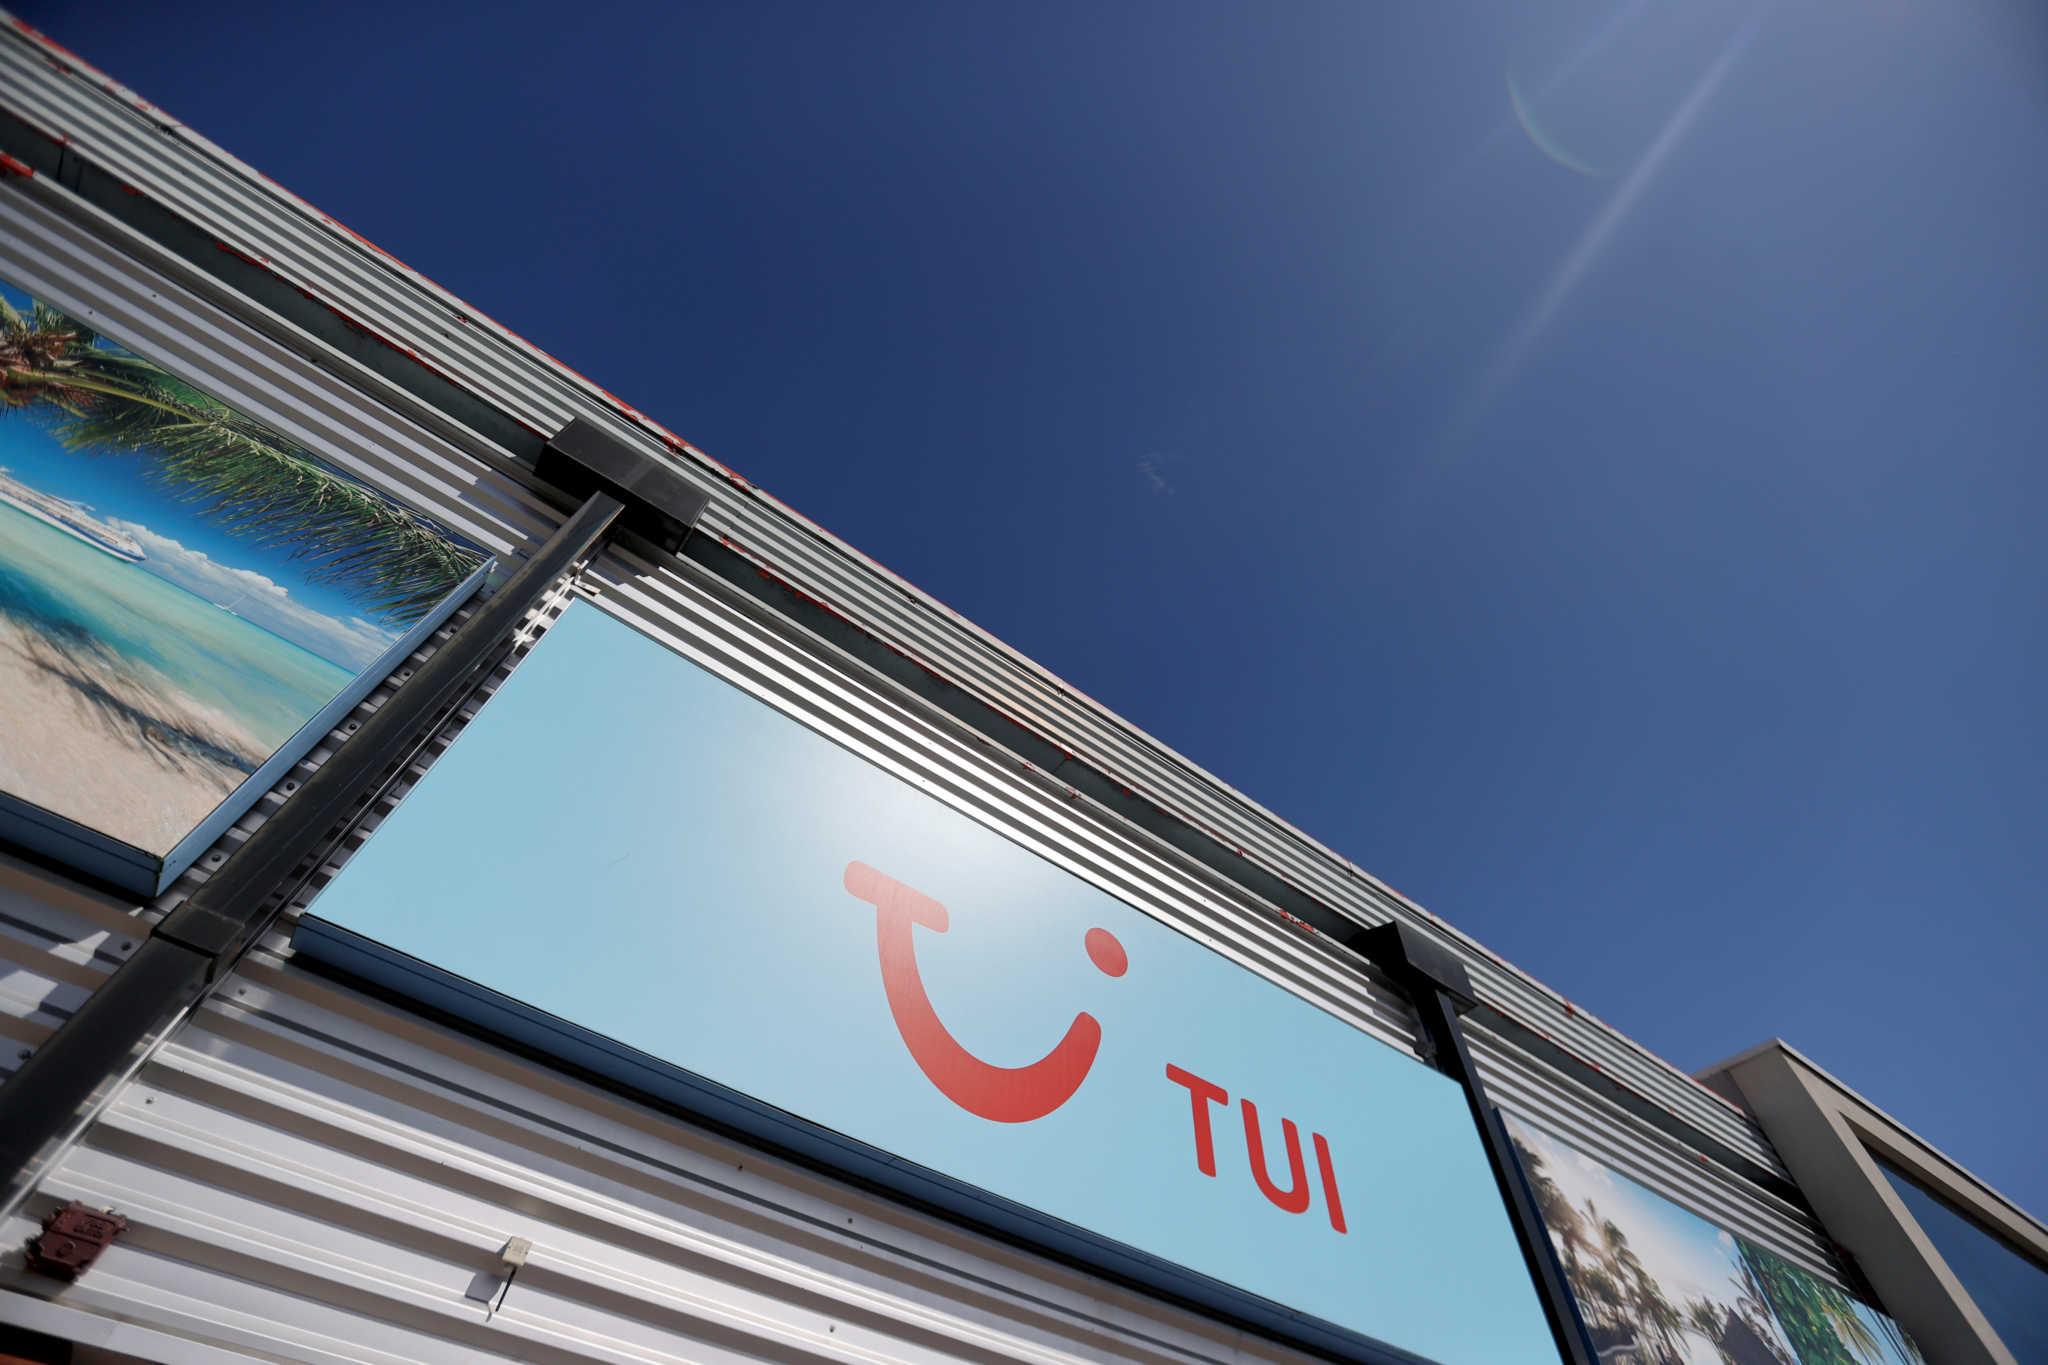 Η TUI κλείνει άλλα 48 καταστήματα στην Βρετανία